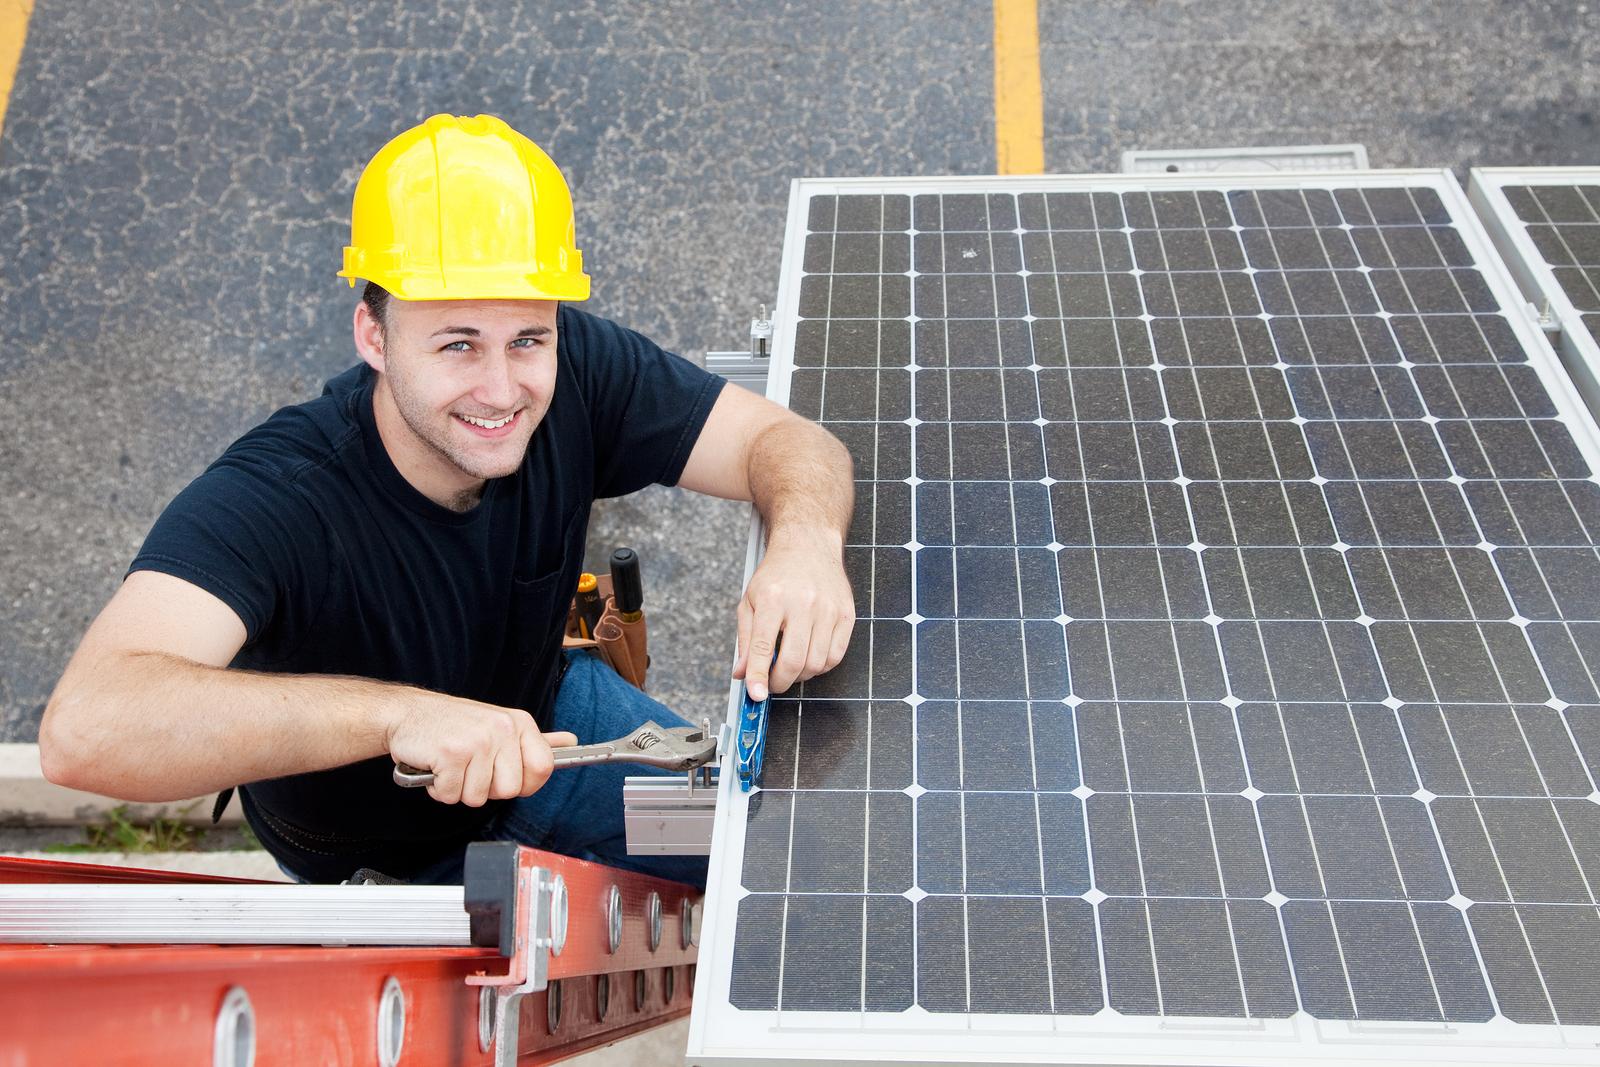 12 wichtige Schritte zur Photovoltaik-Anlage